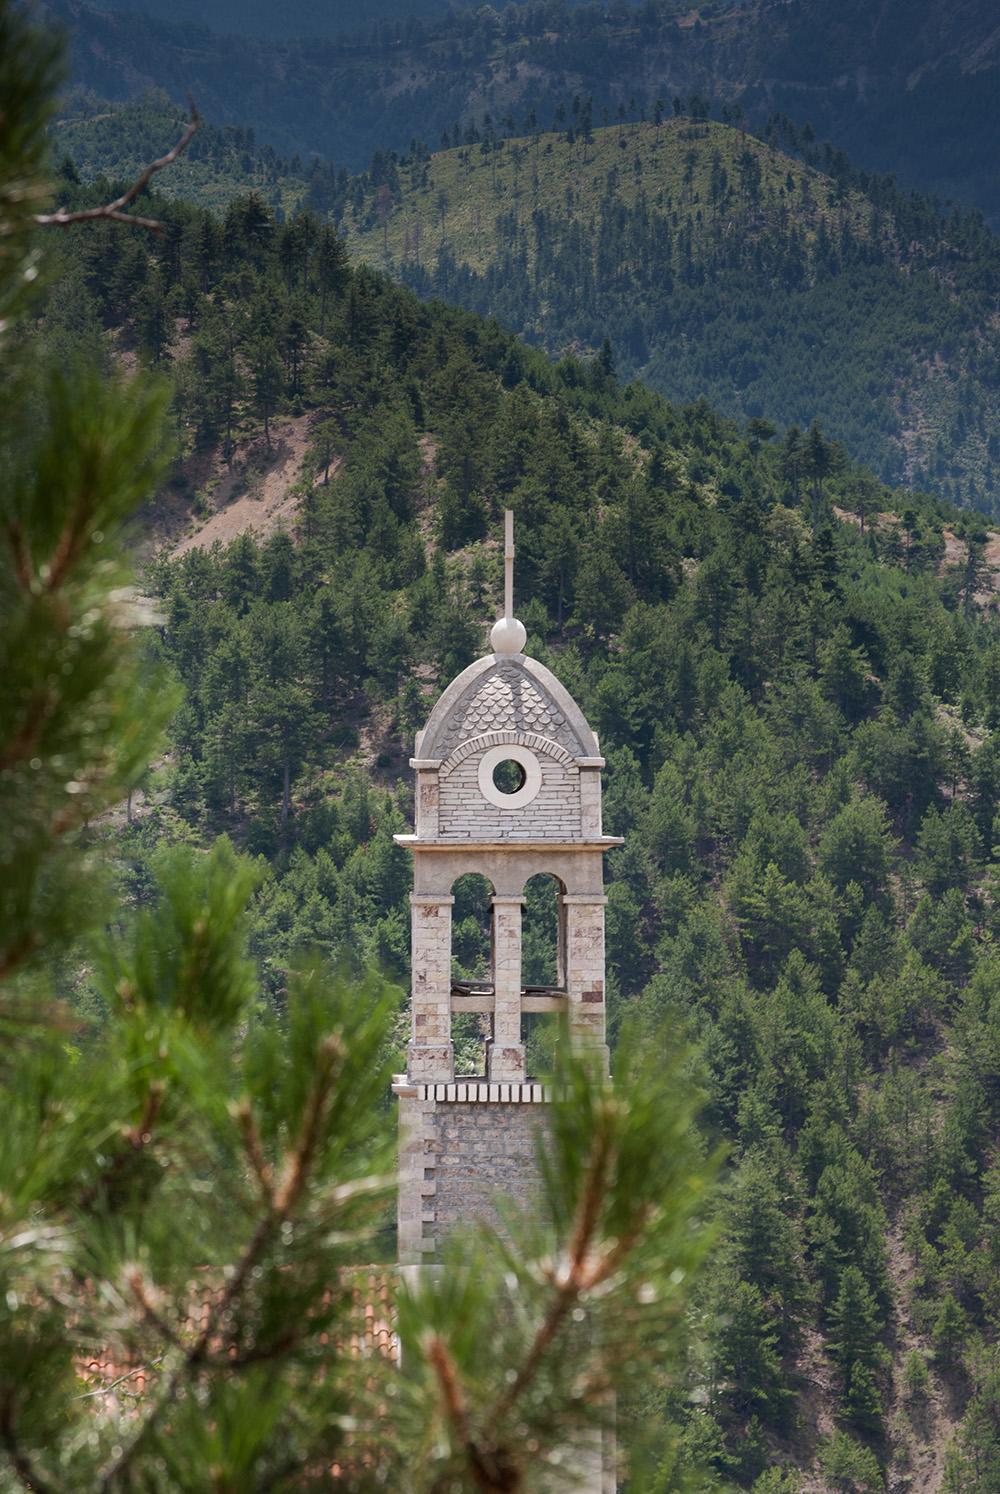 Abbey of Oroshit, Church of Saint Alexander, Grykë Orosh Mirditë, © alketa misja photography 2008